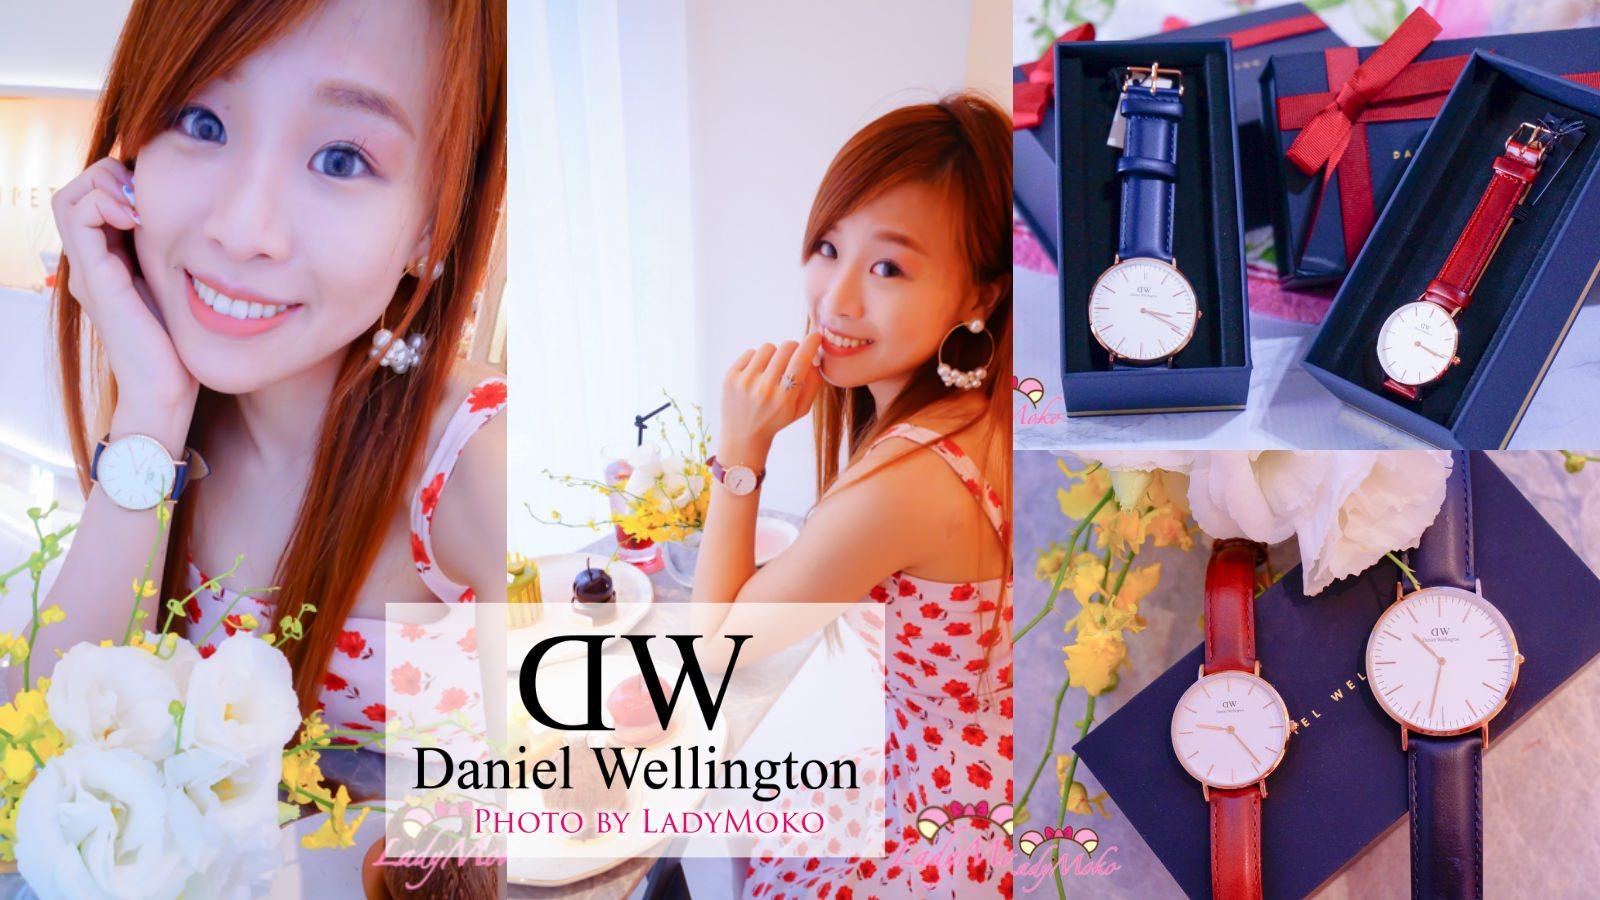 DW手錶經典限時限量赭紅&海軍藍皮革腕錶高質感上市!85折扣碼lovedach